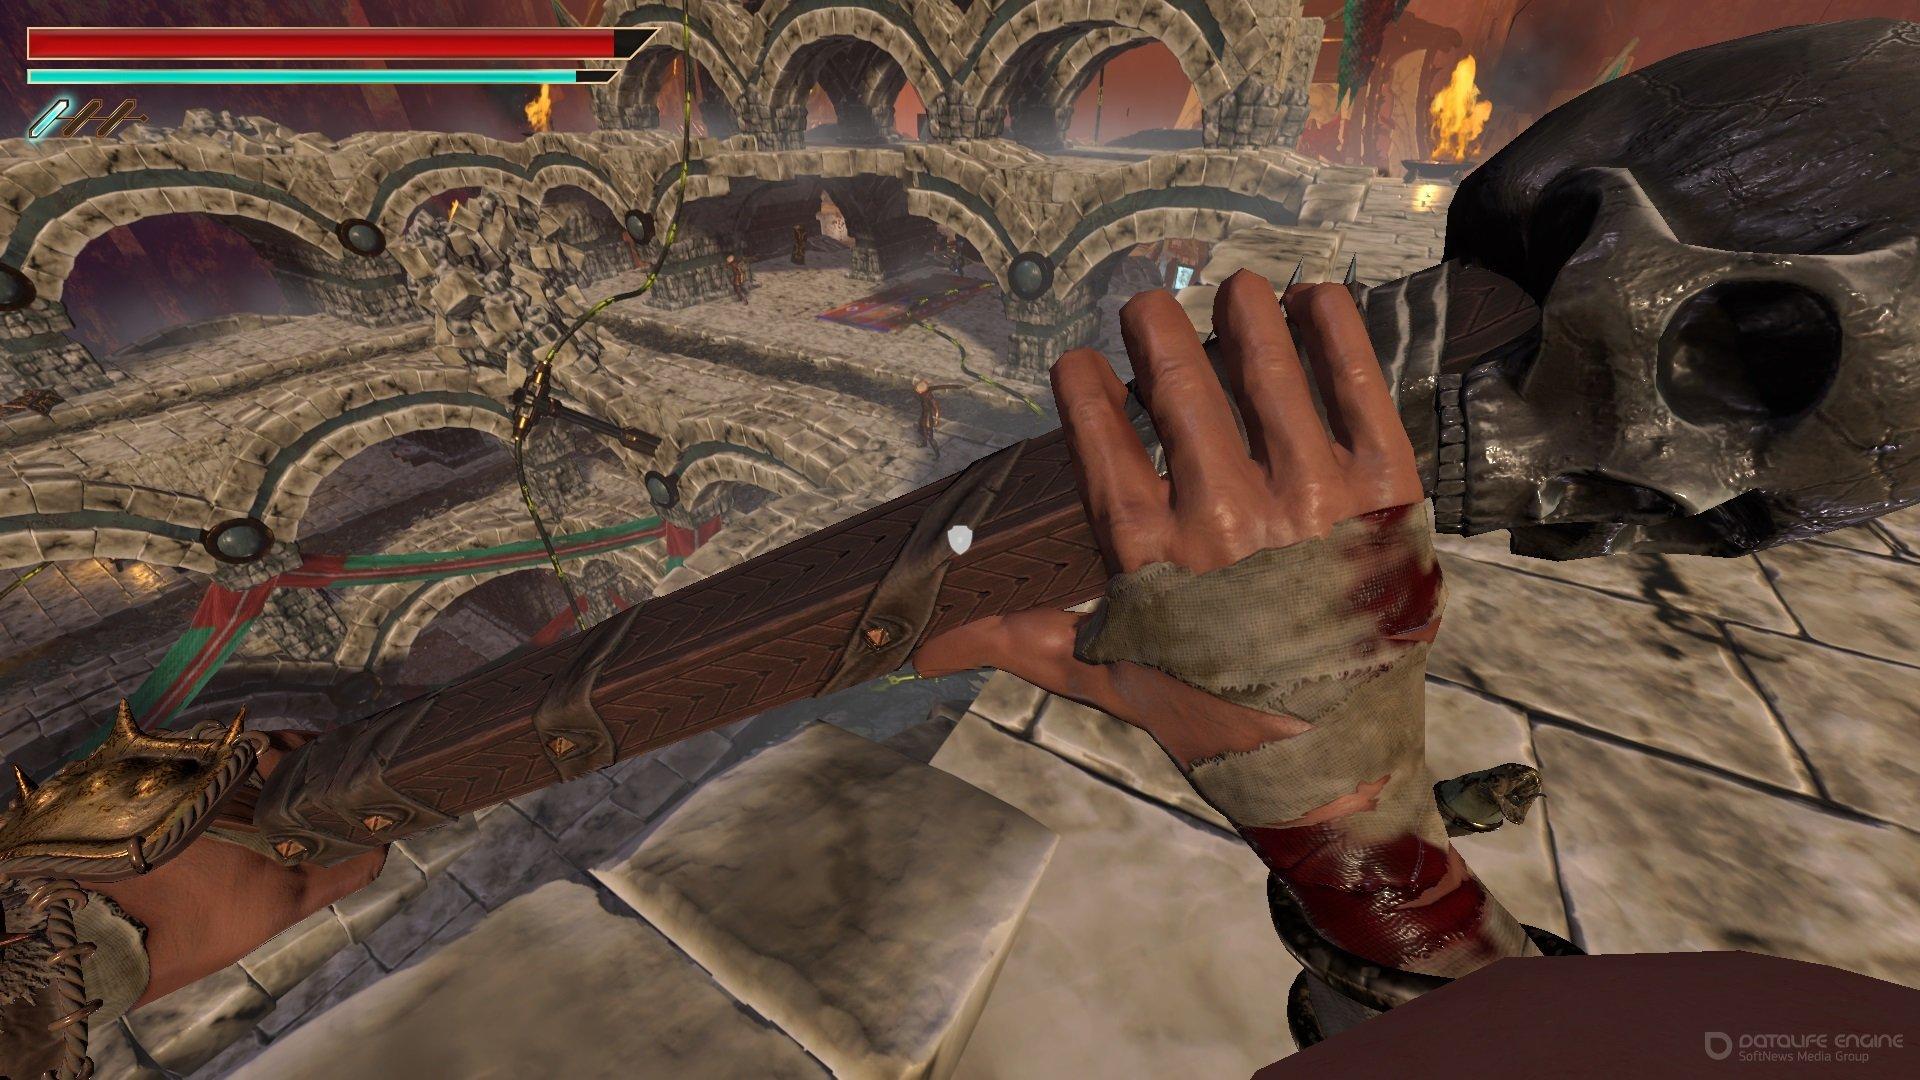 Скриншот к игре ELDERBORN v.1.05 [GOG] (2020) скачать торрент Лицензия